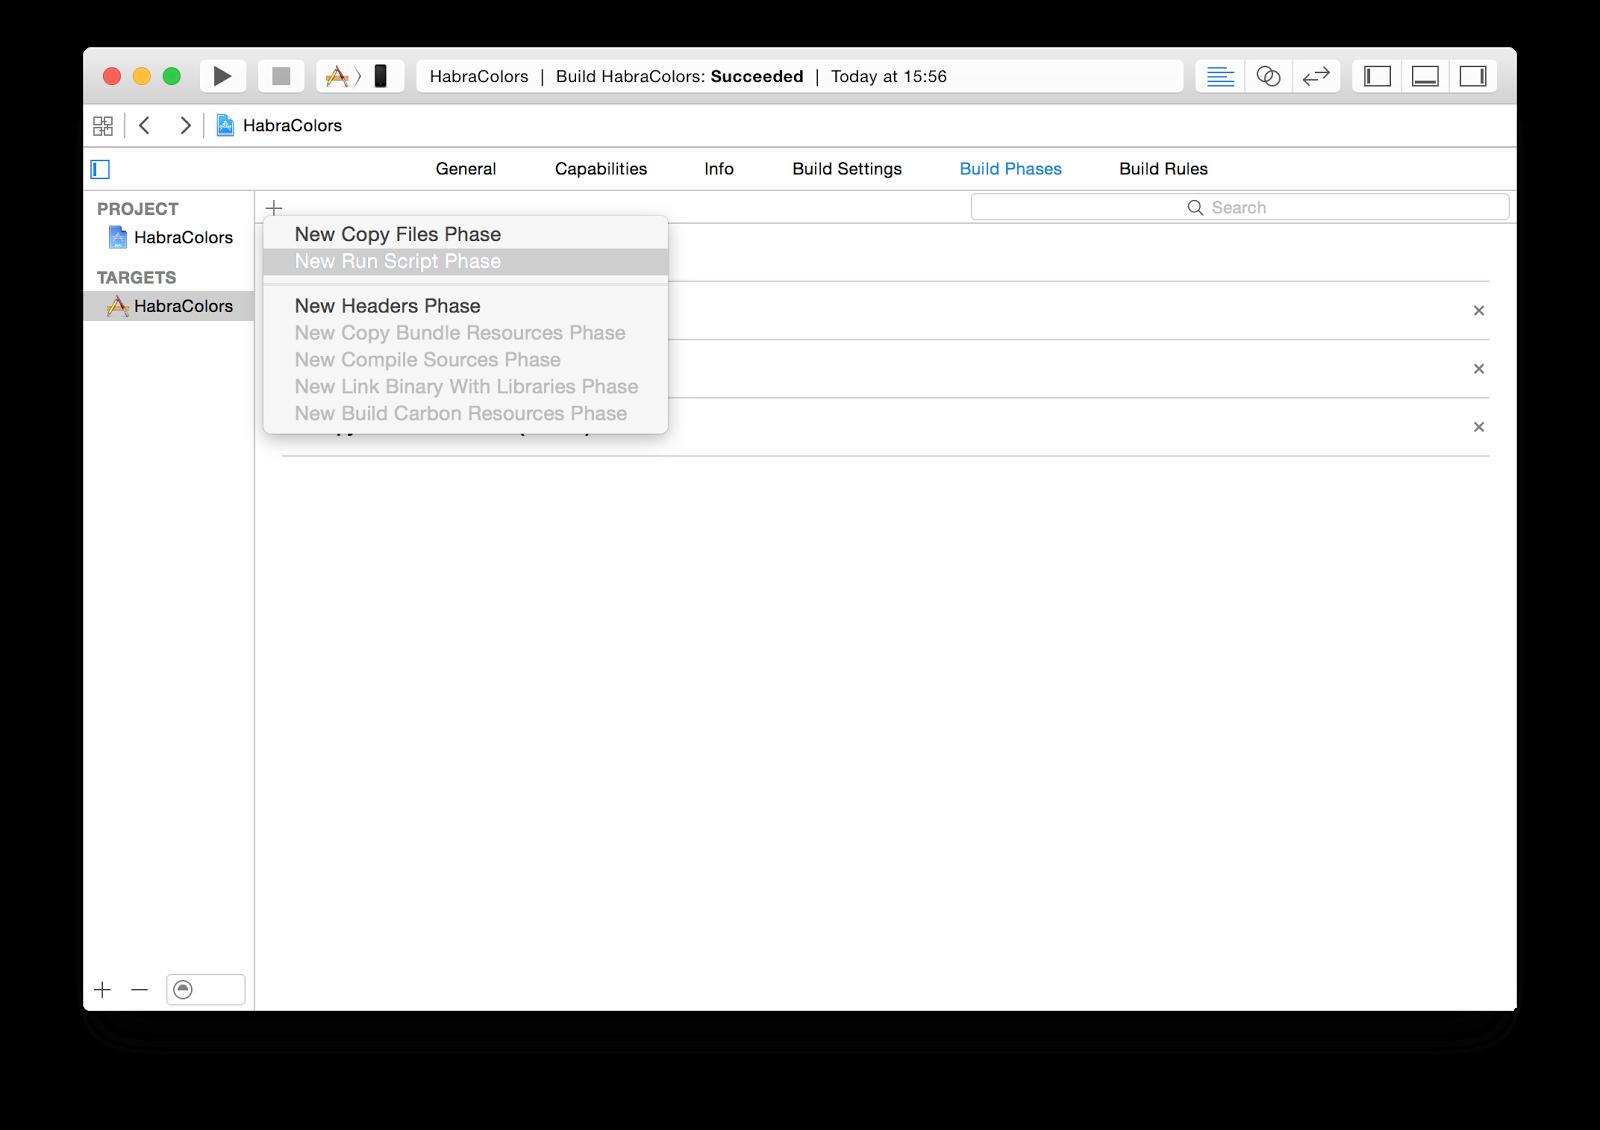 Стилизация iOS-приложений: как мы натягиваем шрифты, цвета и изображения - 5